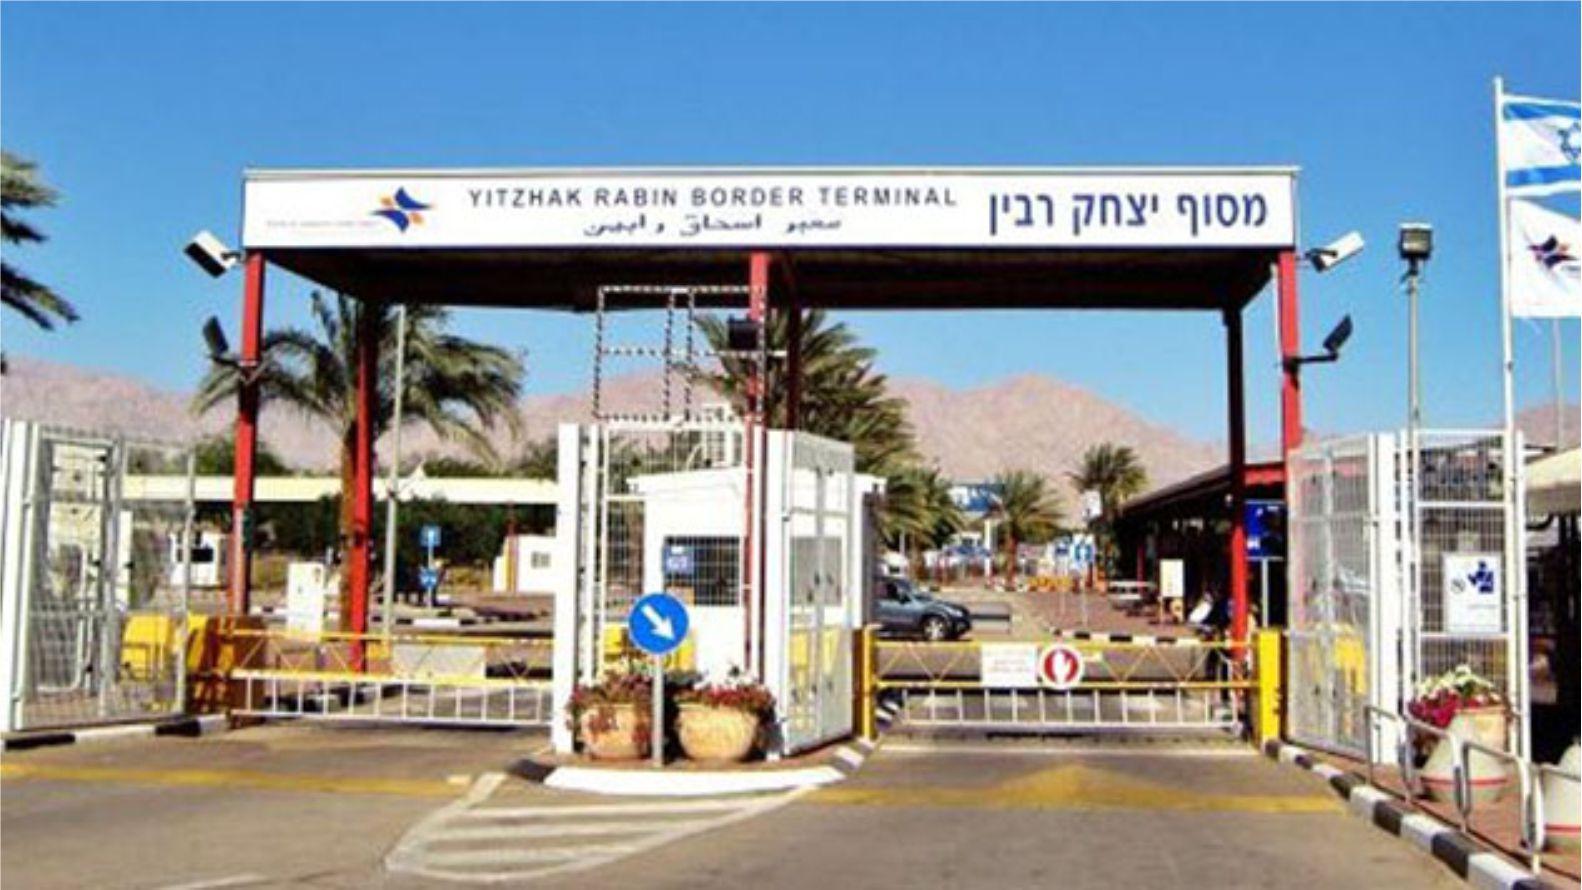 עקב הלנת שכר בקרי הגבולות: ב-1  ביולי יושבתו מעברי הגבול של טאבה ורבין